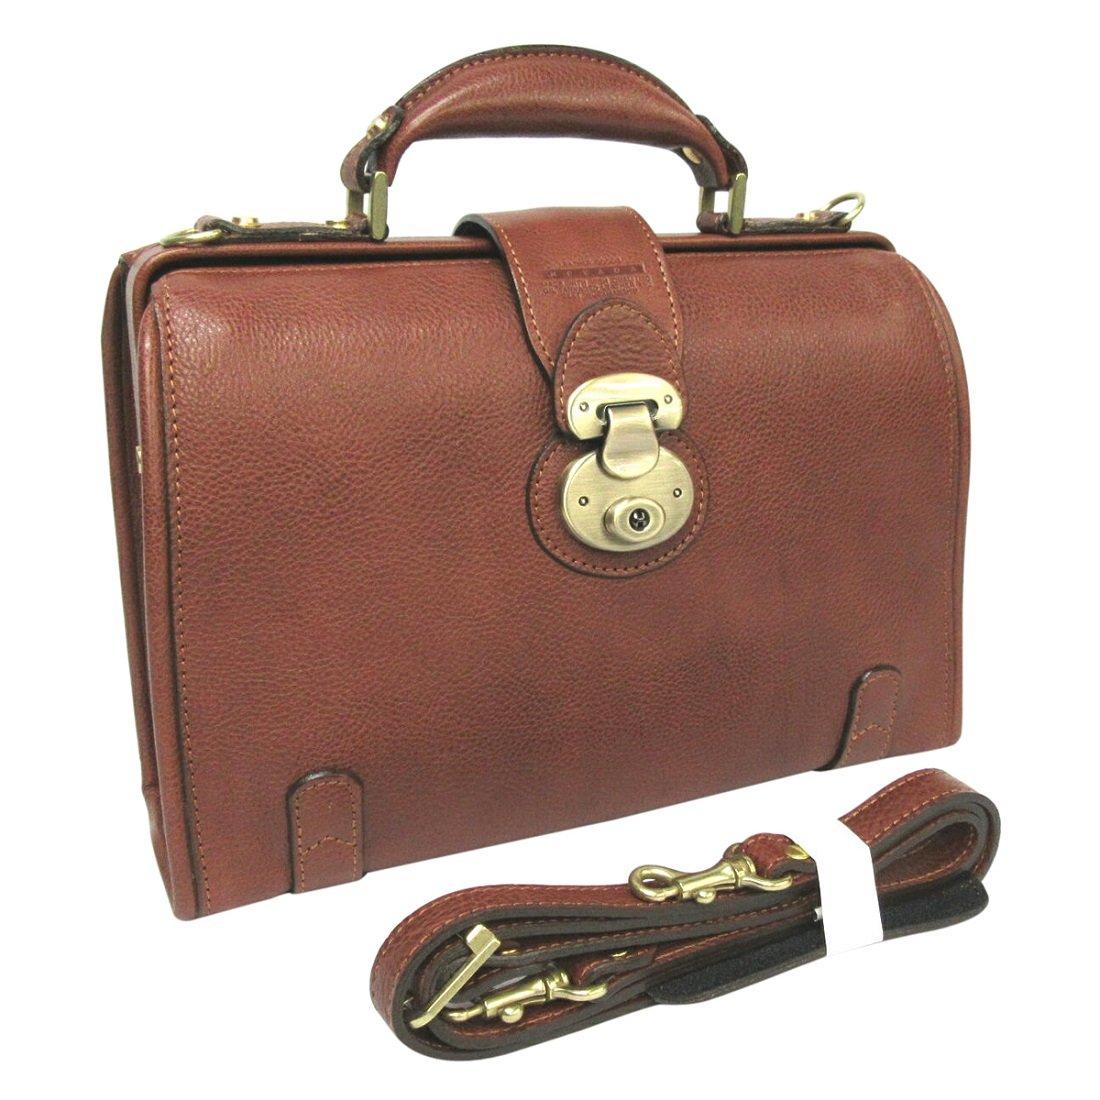 青木鞄 Lugard(ラガード) 本革ミニダレスバッグ NEVADA B00KW2ZQHS